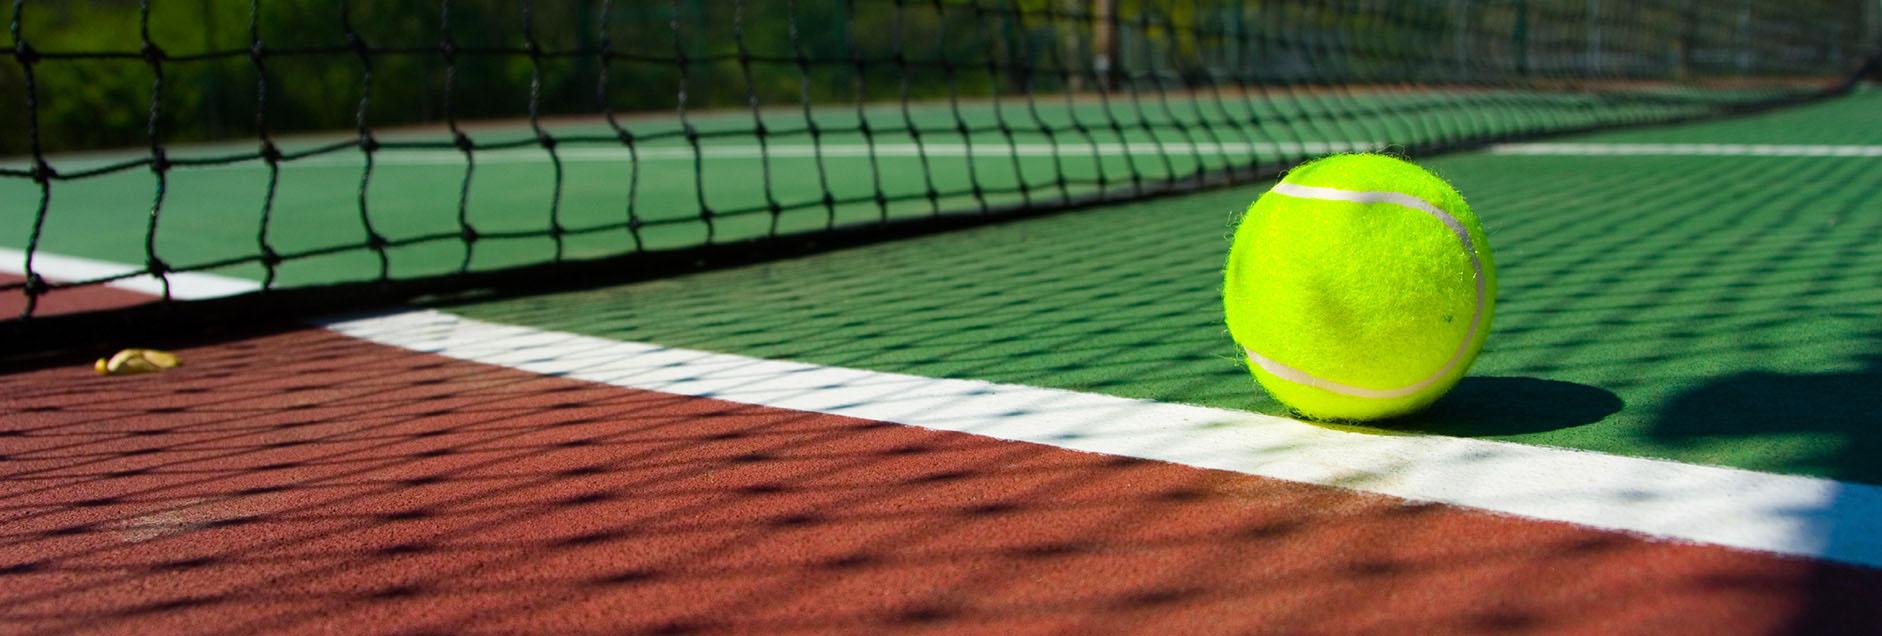 Tennis - 1.jpg